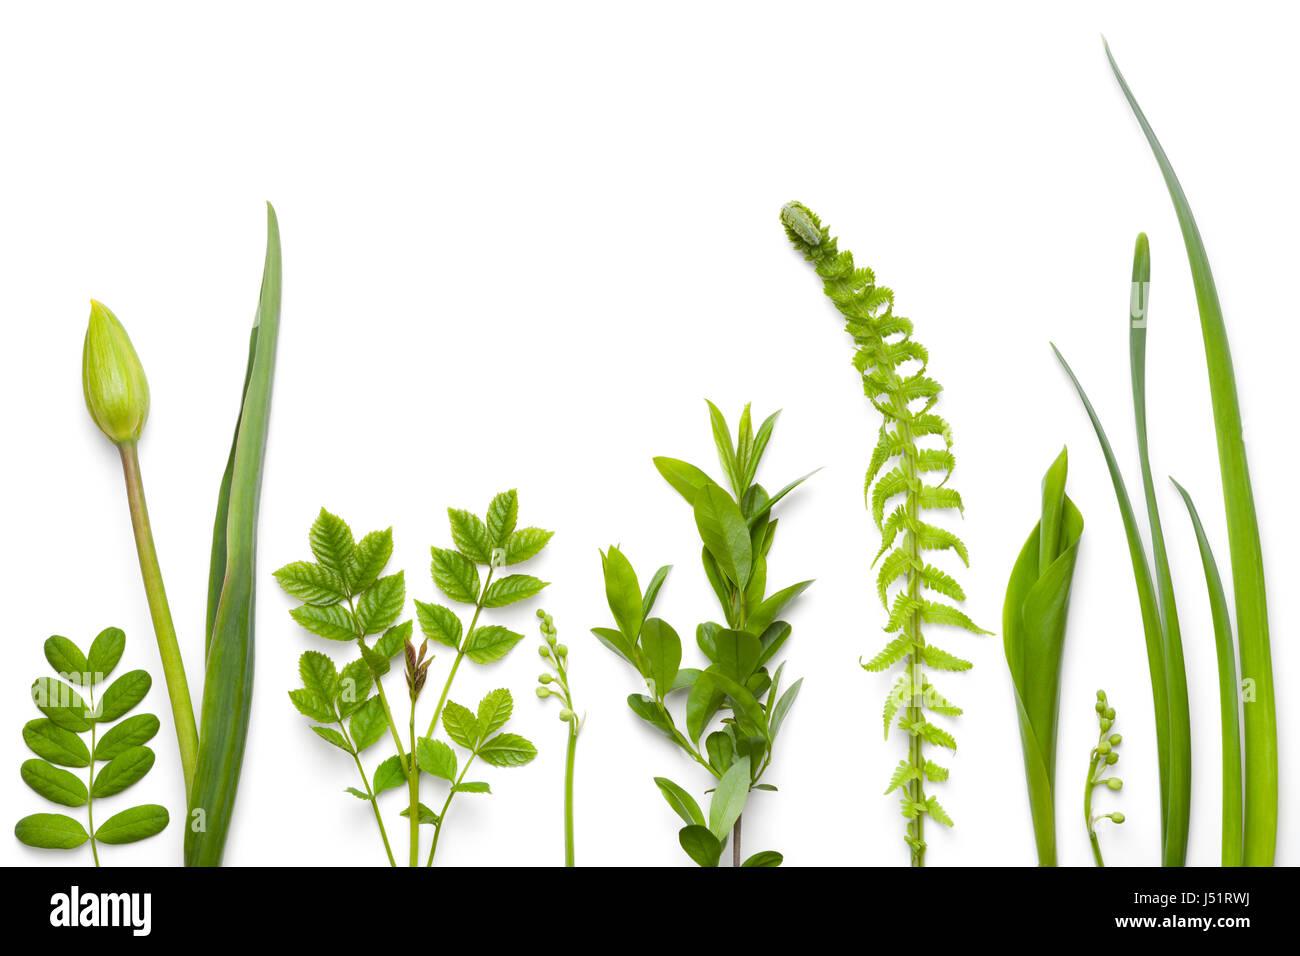 Piante verdi isolati su sfondo bianco. Lay piatto. Vista superiore Immagini Stock